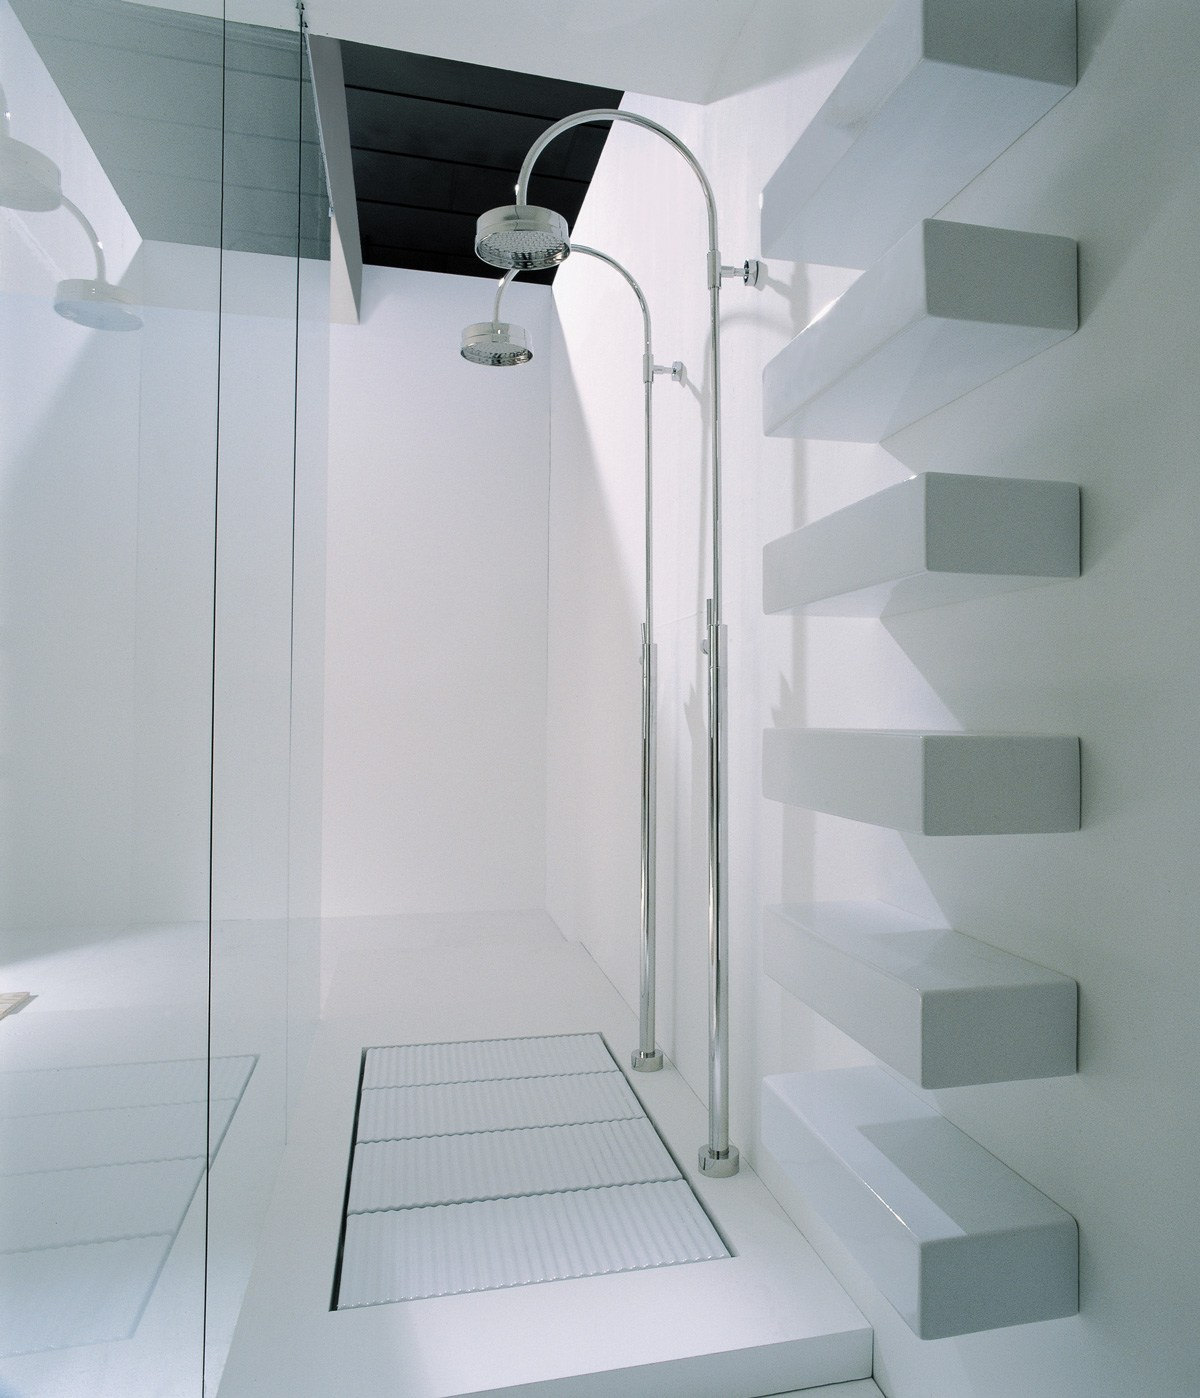 Tatami piatto doccia modulare by ceramica flaminia design - Piatto doccia a filo ...